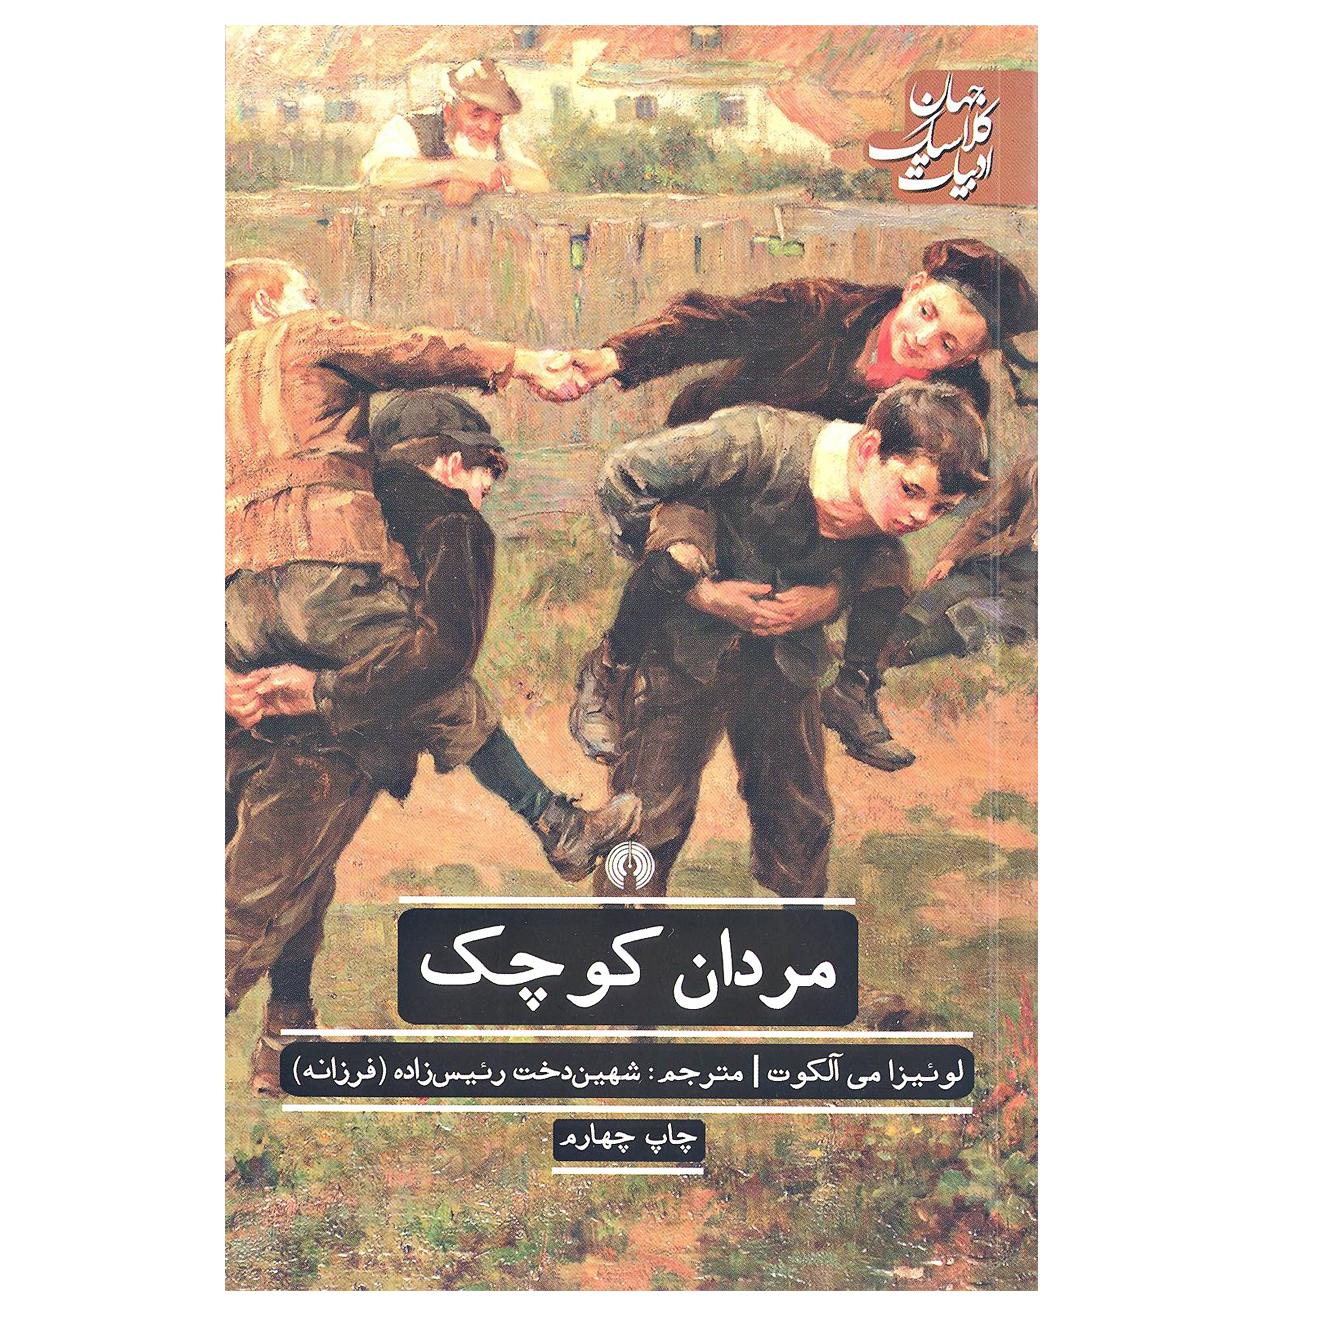 کتاب مردان کوچک اثر لوئیزا می آلکوت نشر علمی فرهنگی